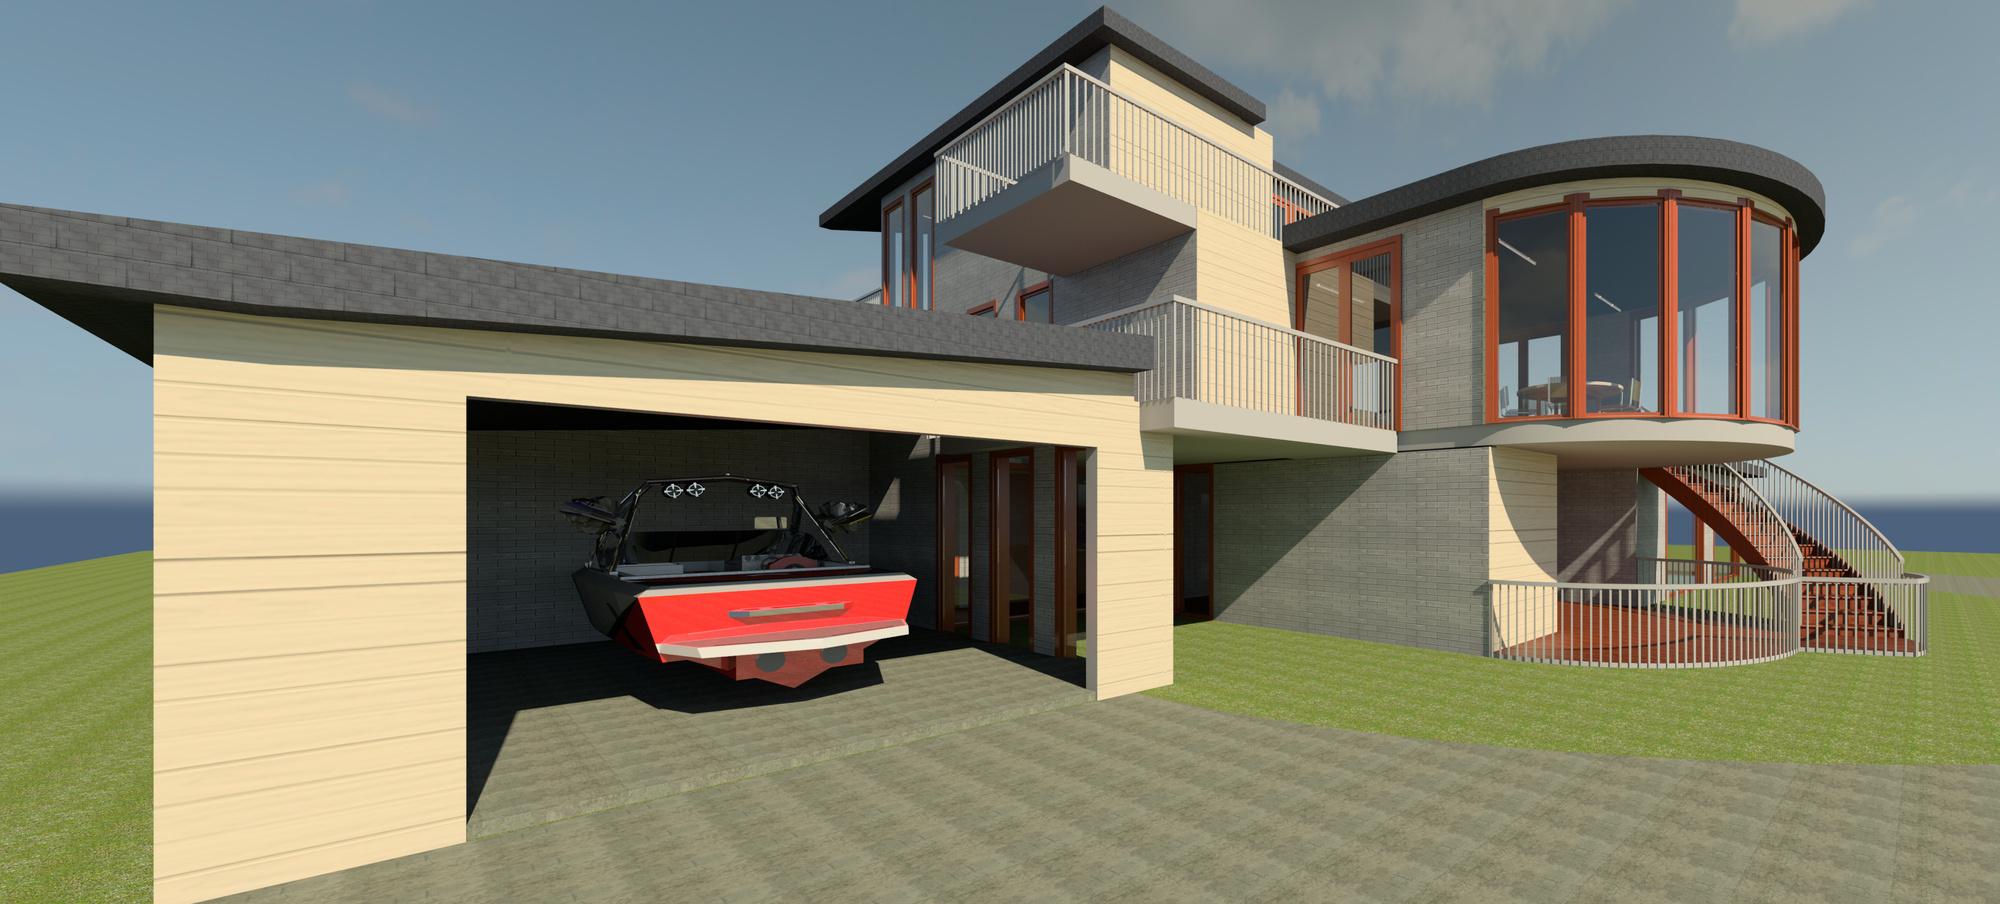 Raas-rendering20150515-22400-xhf0ik